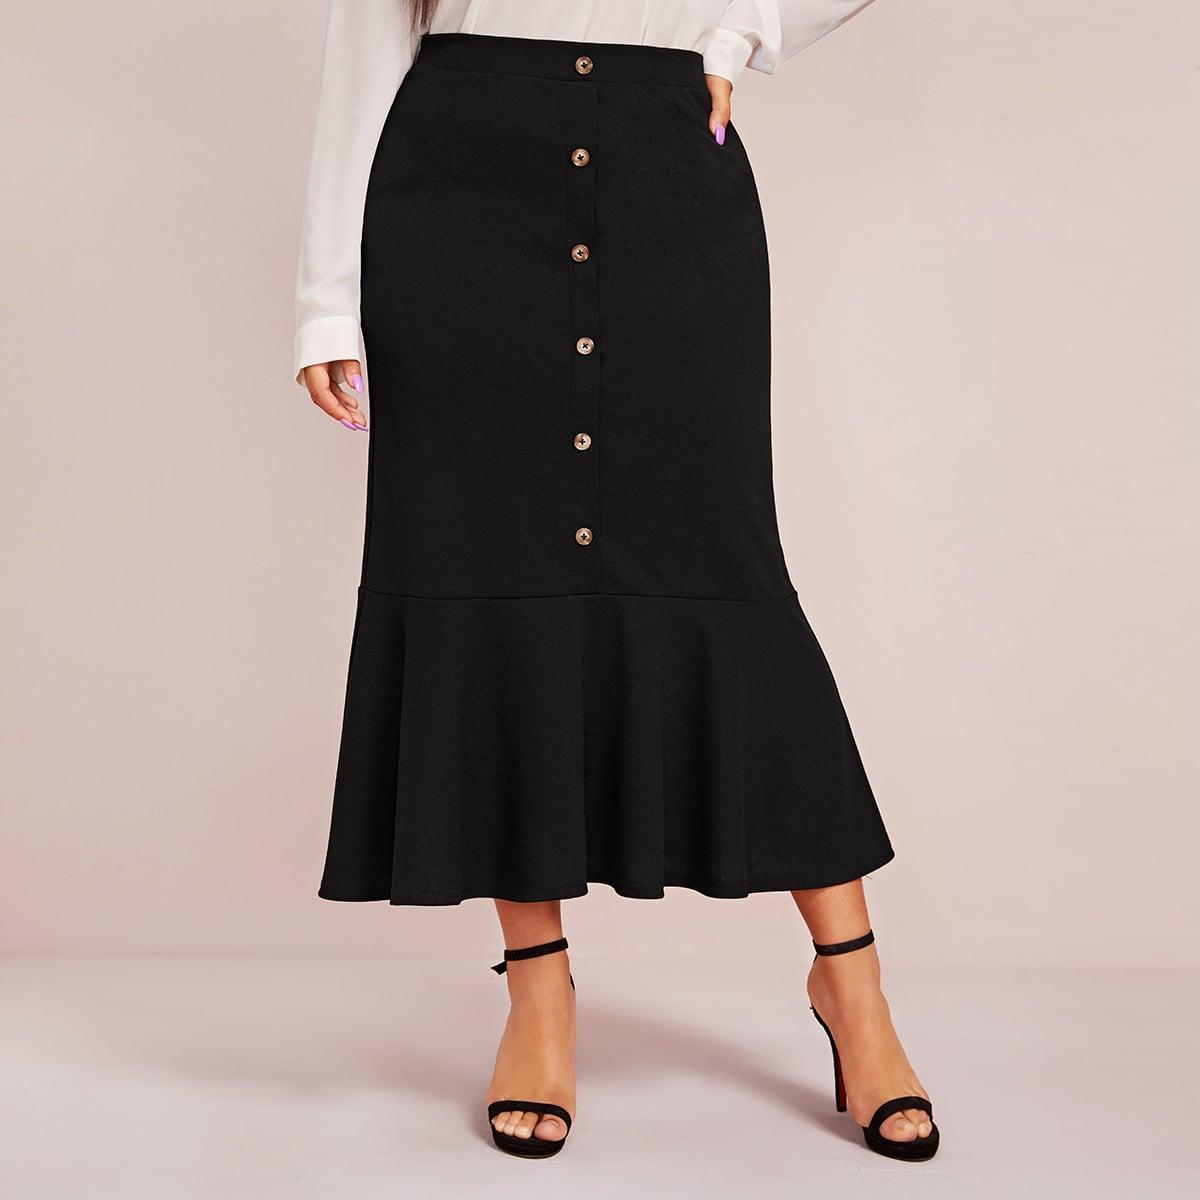 SHEIN / Falda bajo fruncido con diseño de botón de lado con cremallera - grande